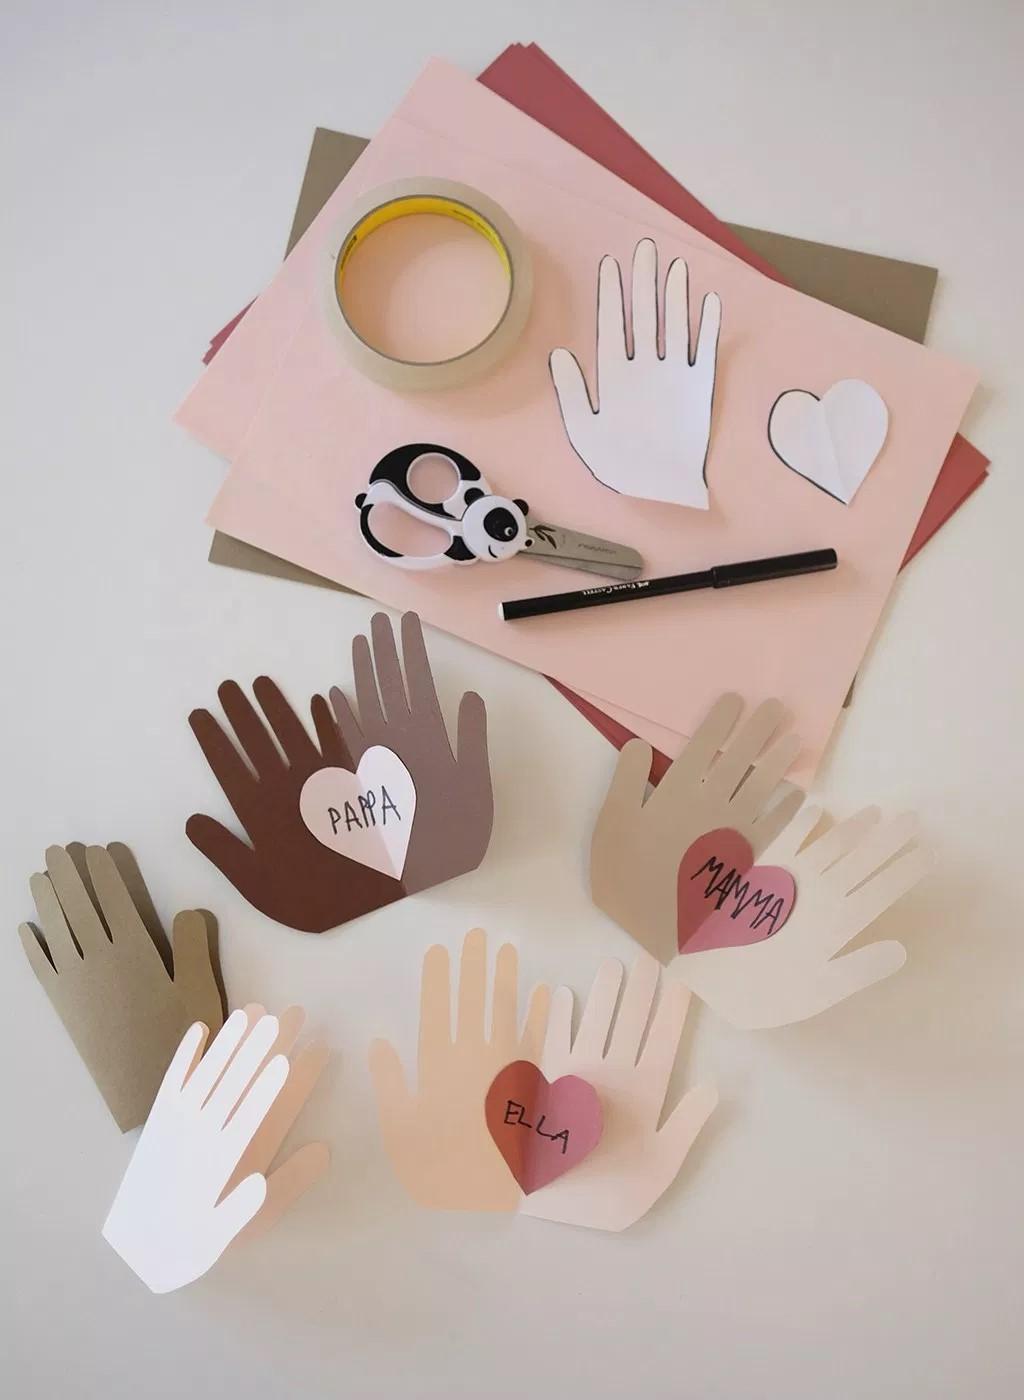 oppaskinderen hebben Hand Heart-kaarten gemaakt voor papa en mama.